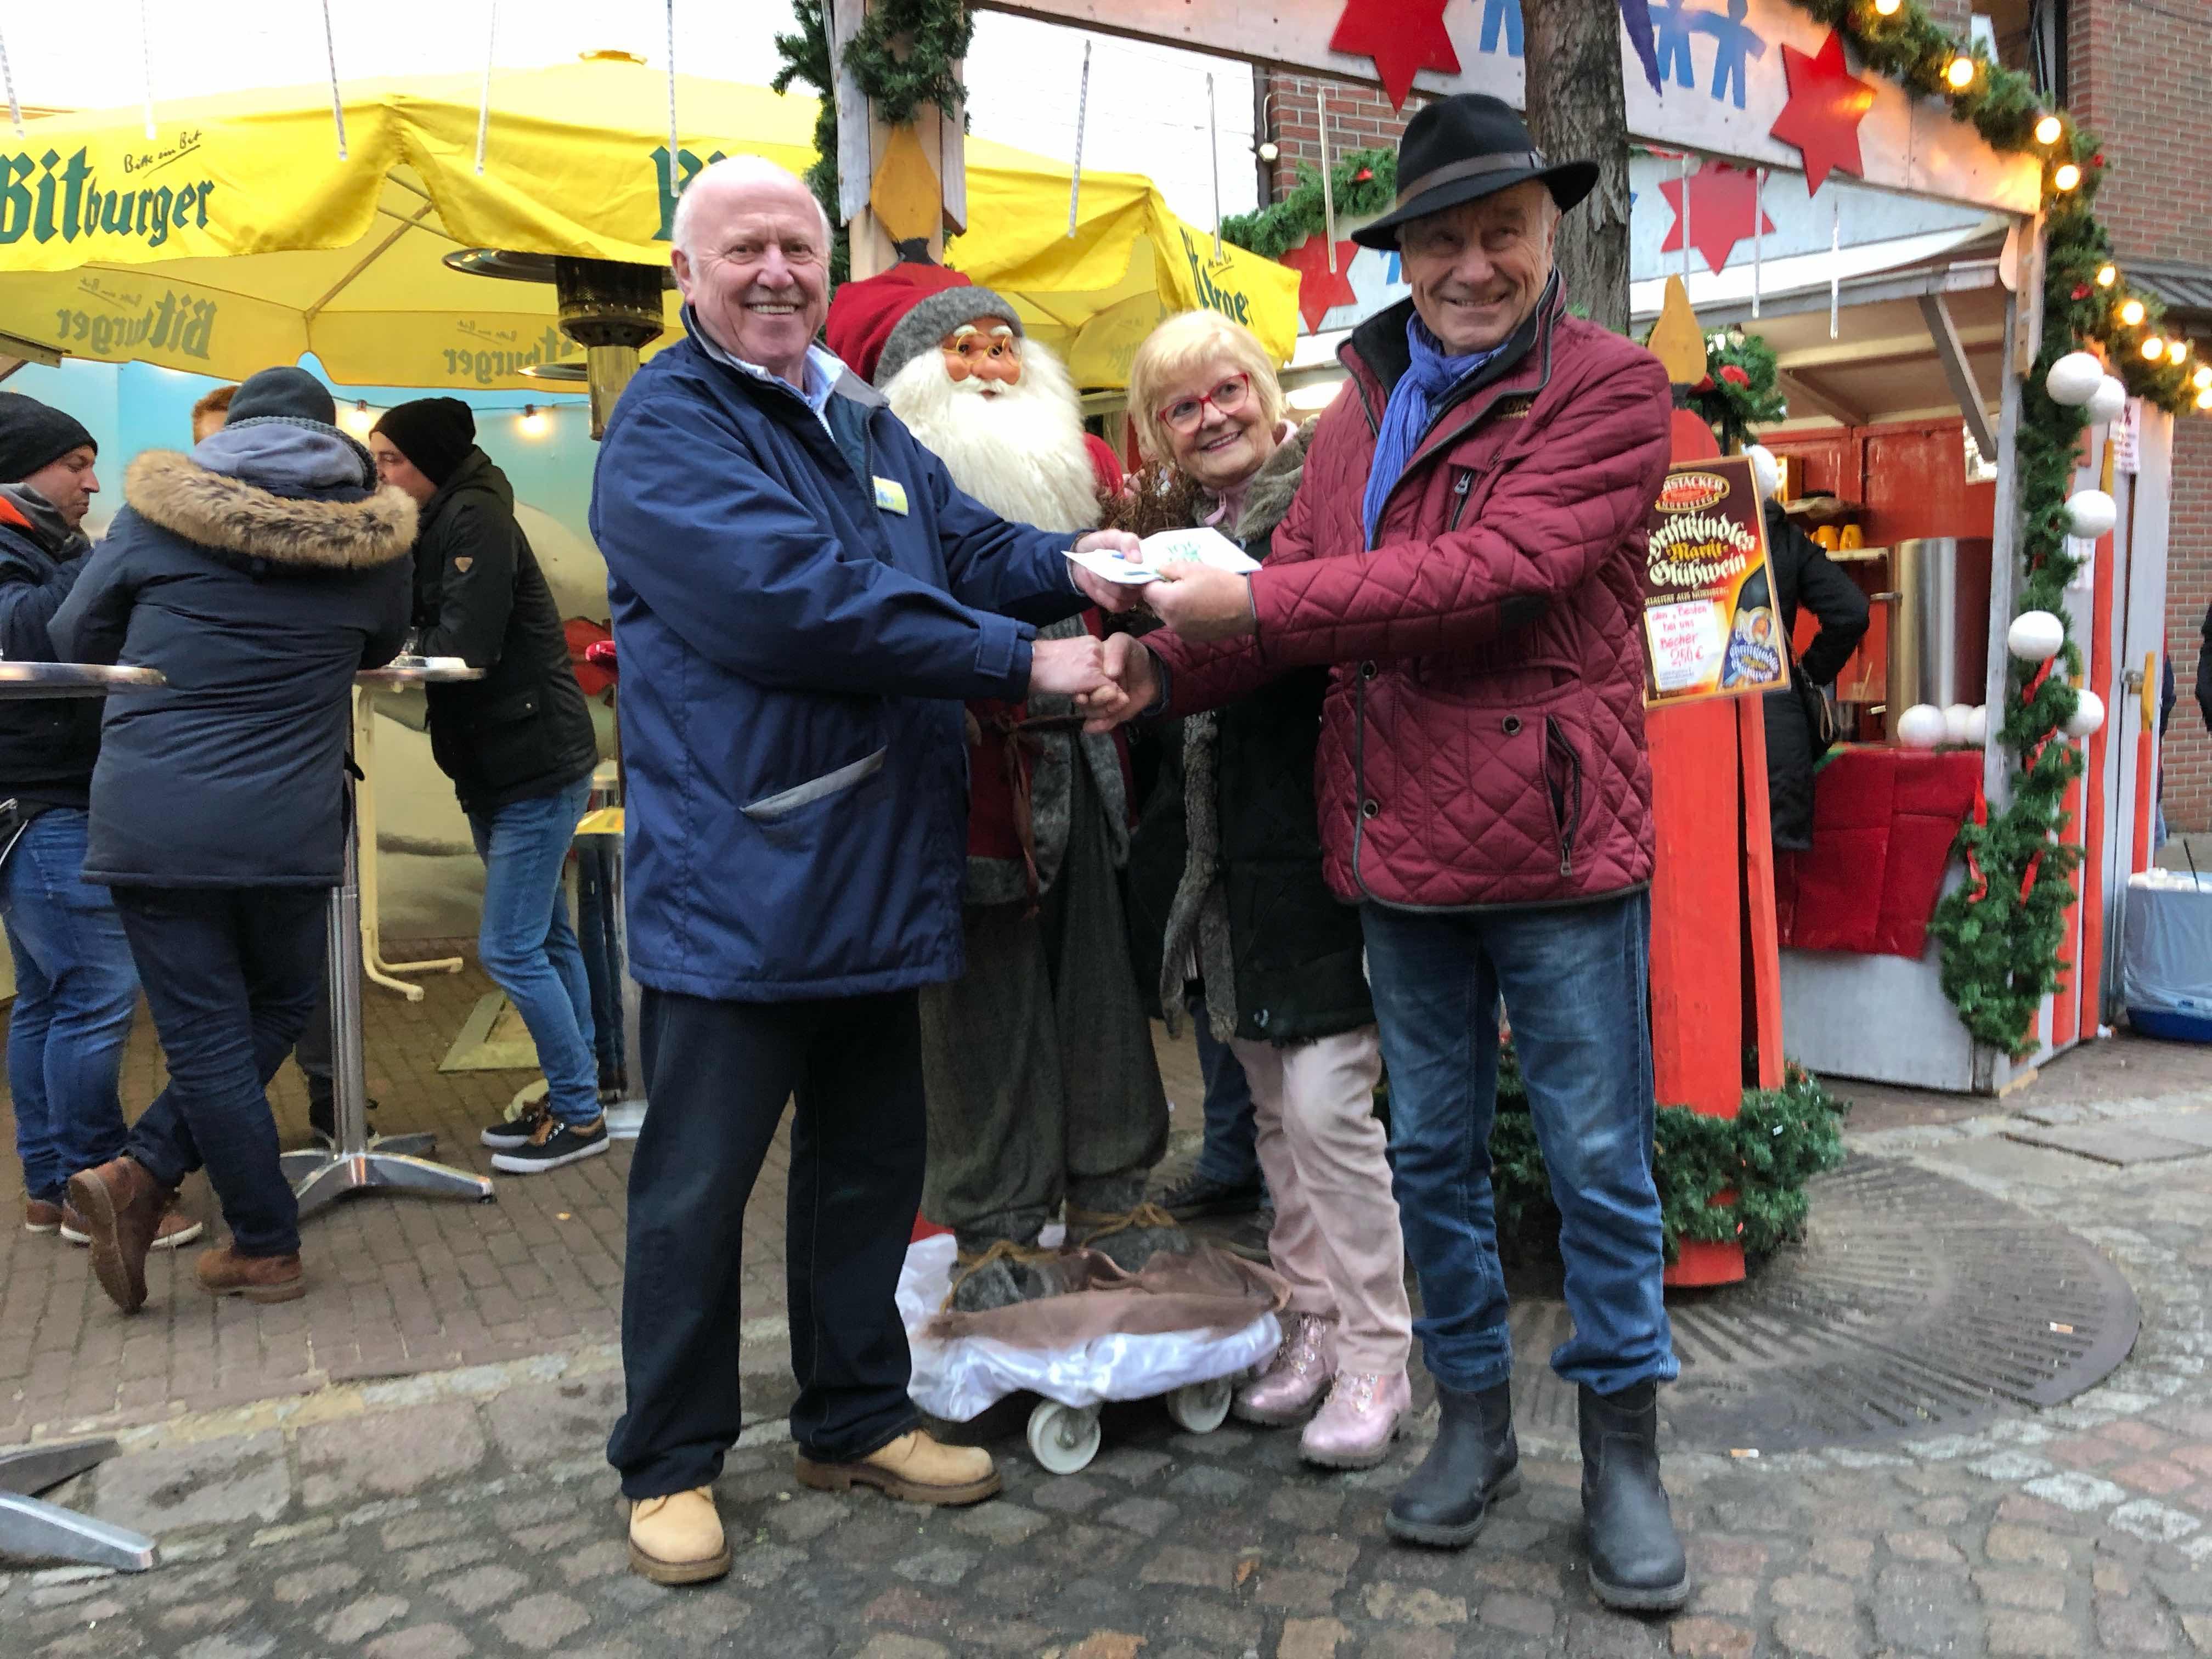 Besuch Auf Dem Weihnachtsmarkt.Netter Besuch Auf Dem Weihnachtsmarkt In Wassenberg Westreporter